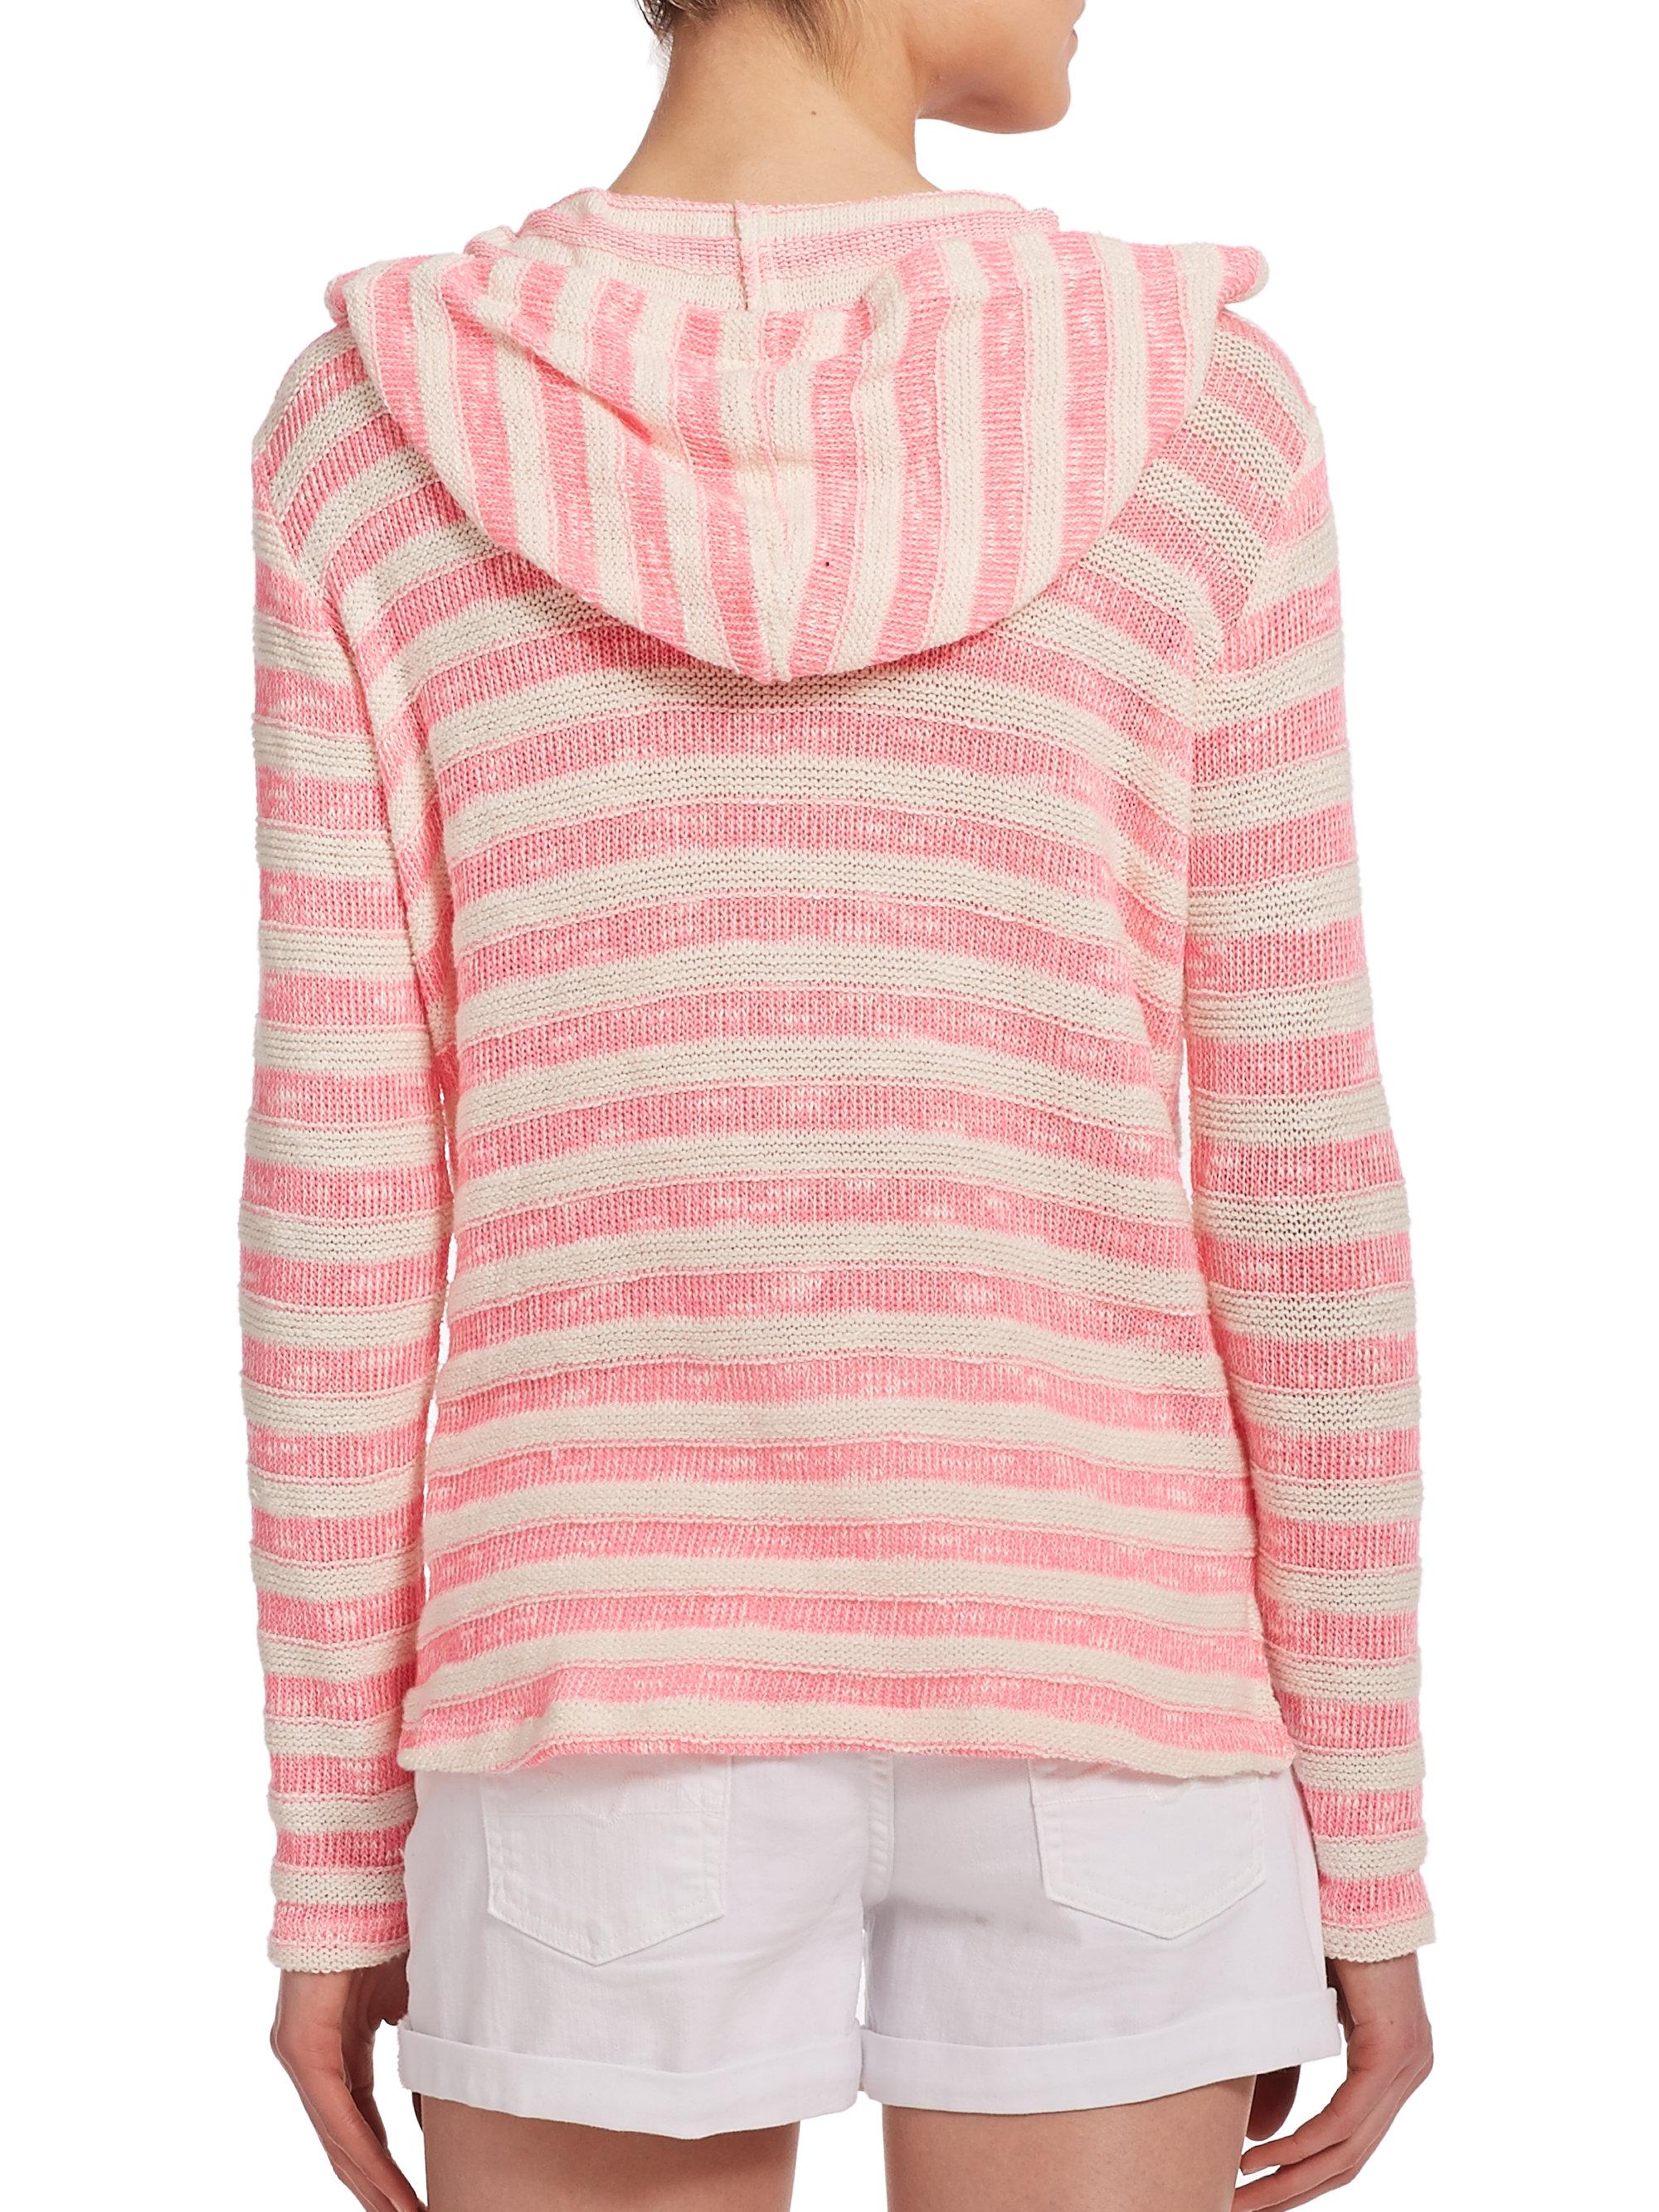 Splendid Ohana Striped Hoodie Sweater in Pink | Lyst